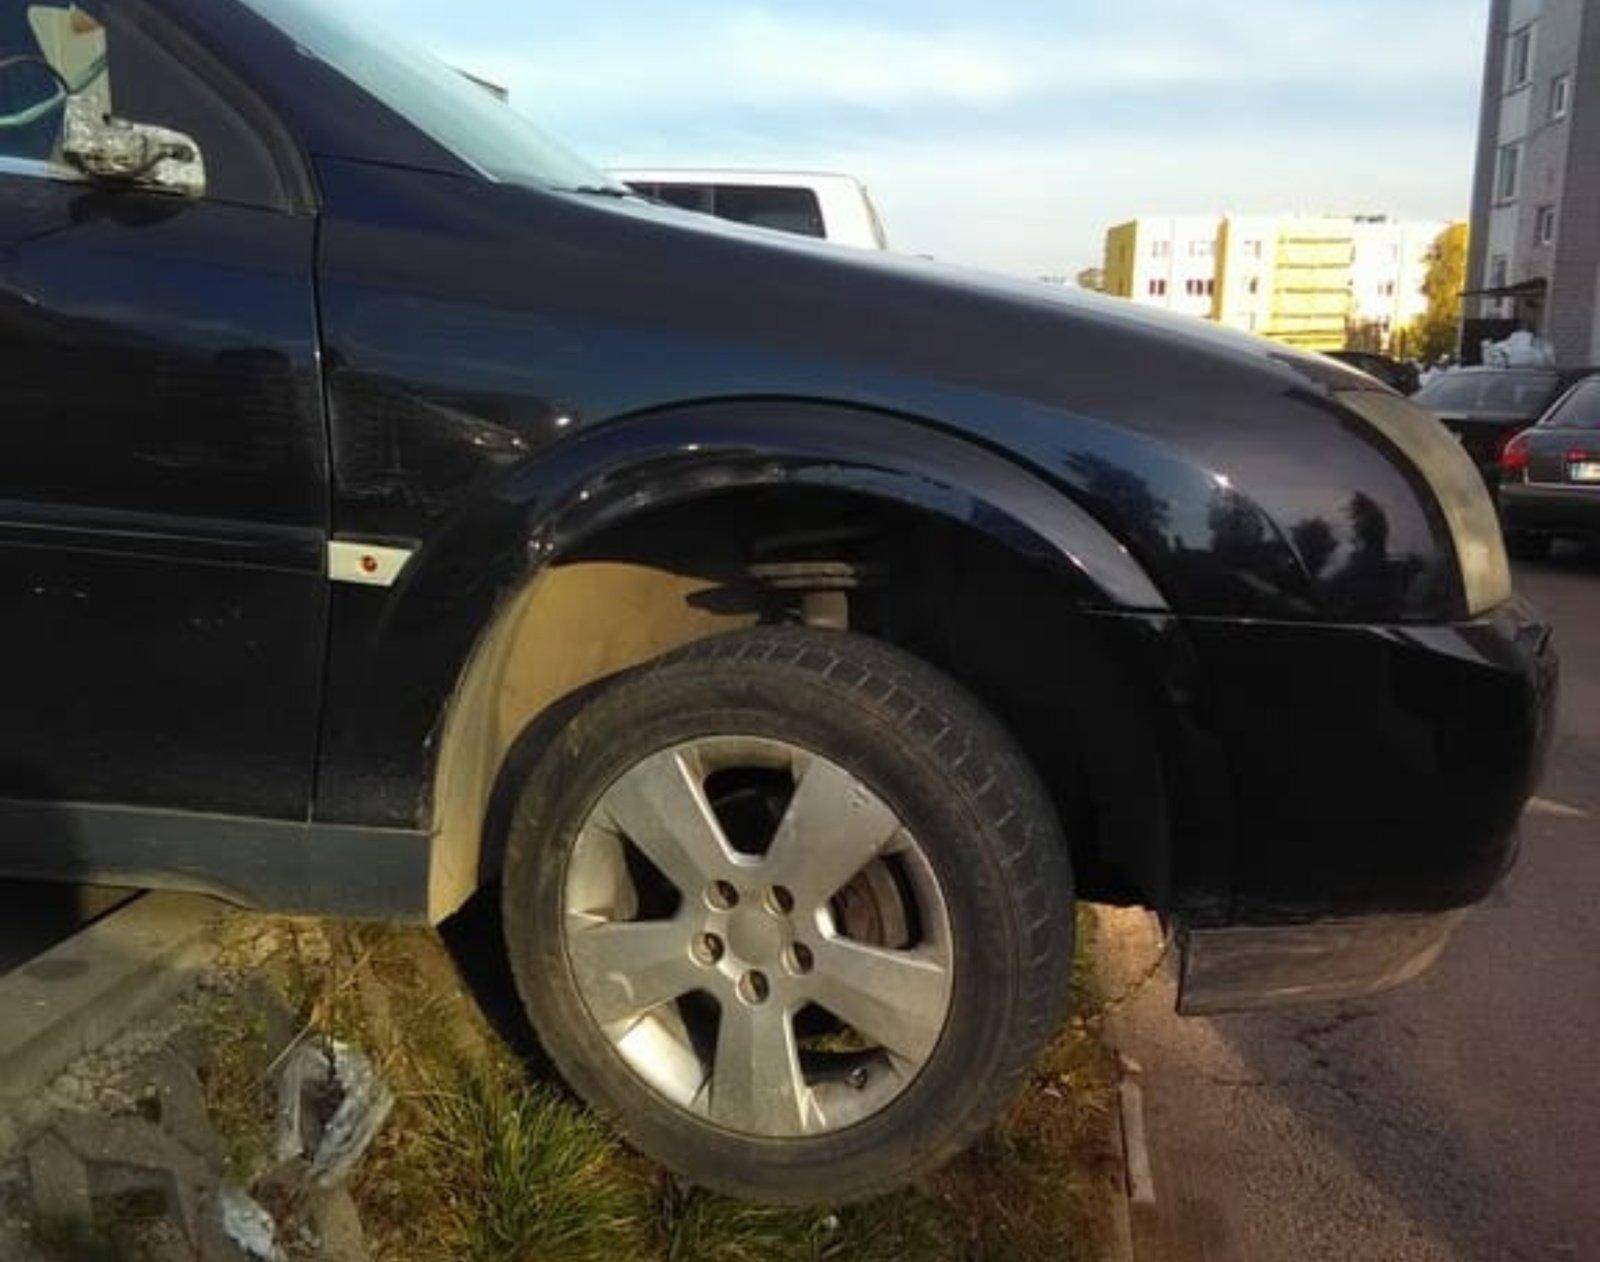 Girtas eismo įvykį sukėlęs Šalčininkų rajono gyventojas turės atsakyti už savo veiksmus